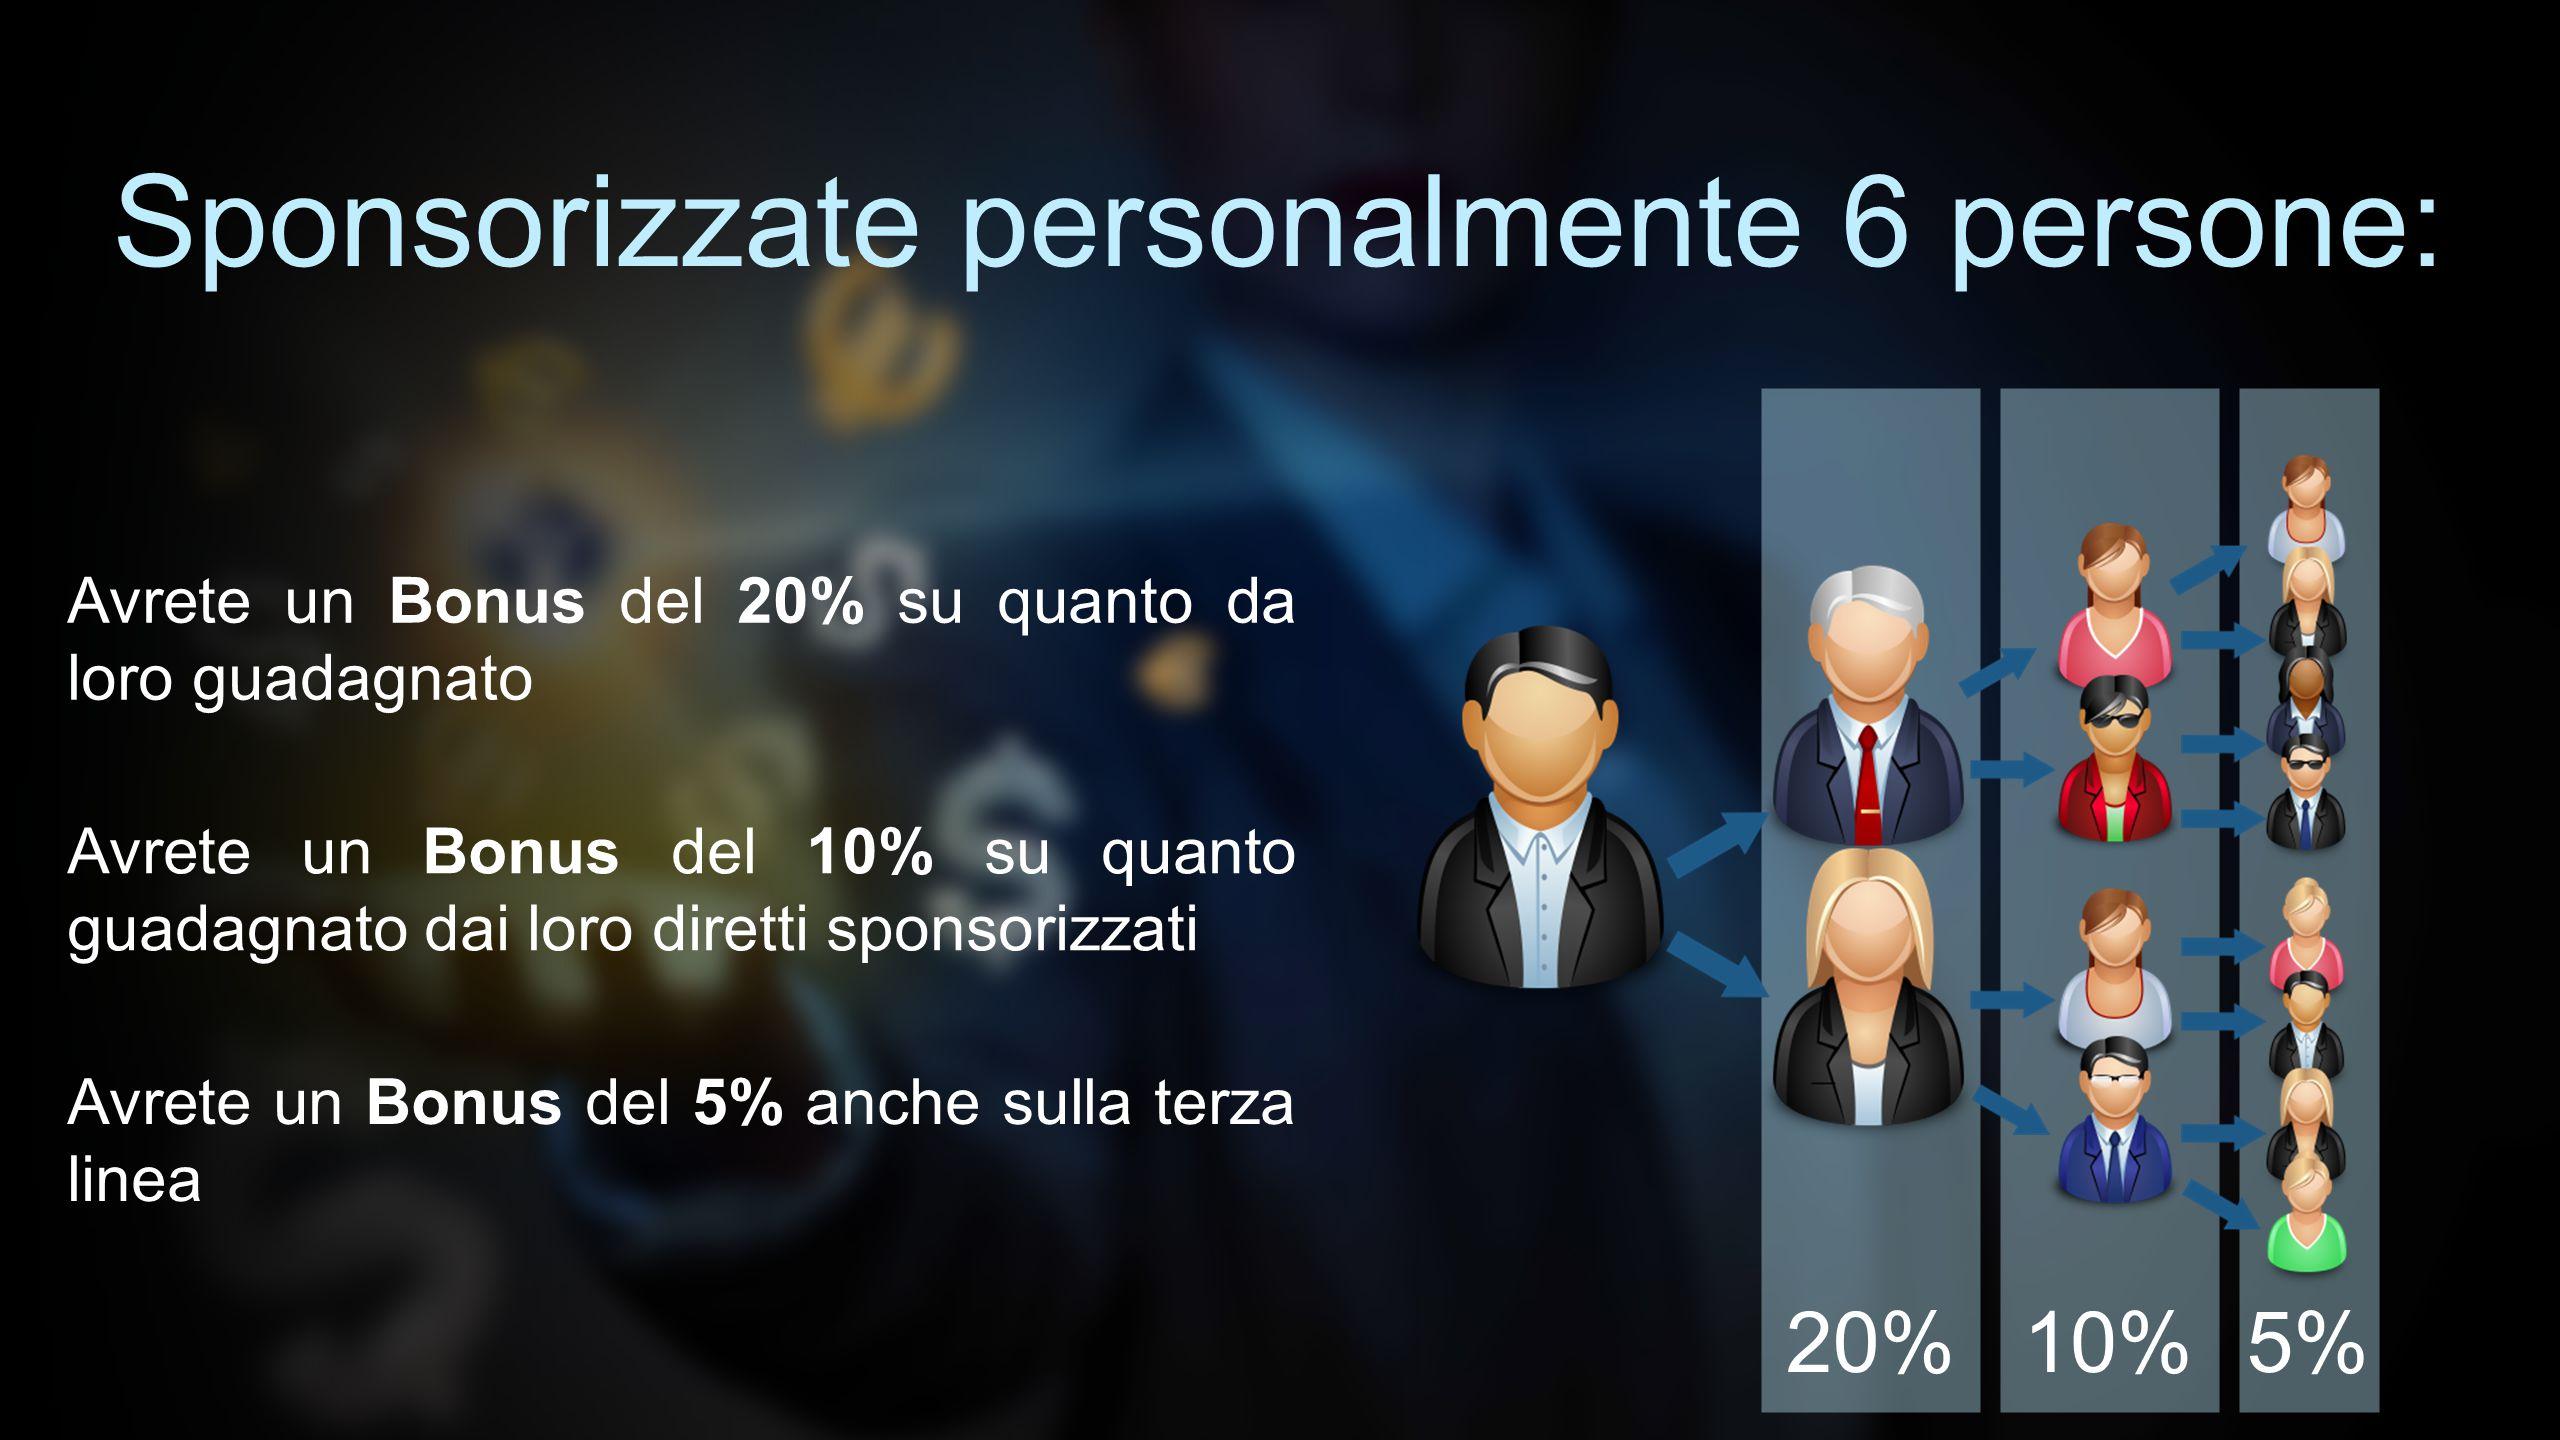 5%10%20% Sponsorizzate personalmente 6 persone: Avrete un Bonus del 20% su quanto da loro guadagnato Avrete un Bonus del 10% su quanto guadagnato dai